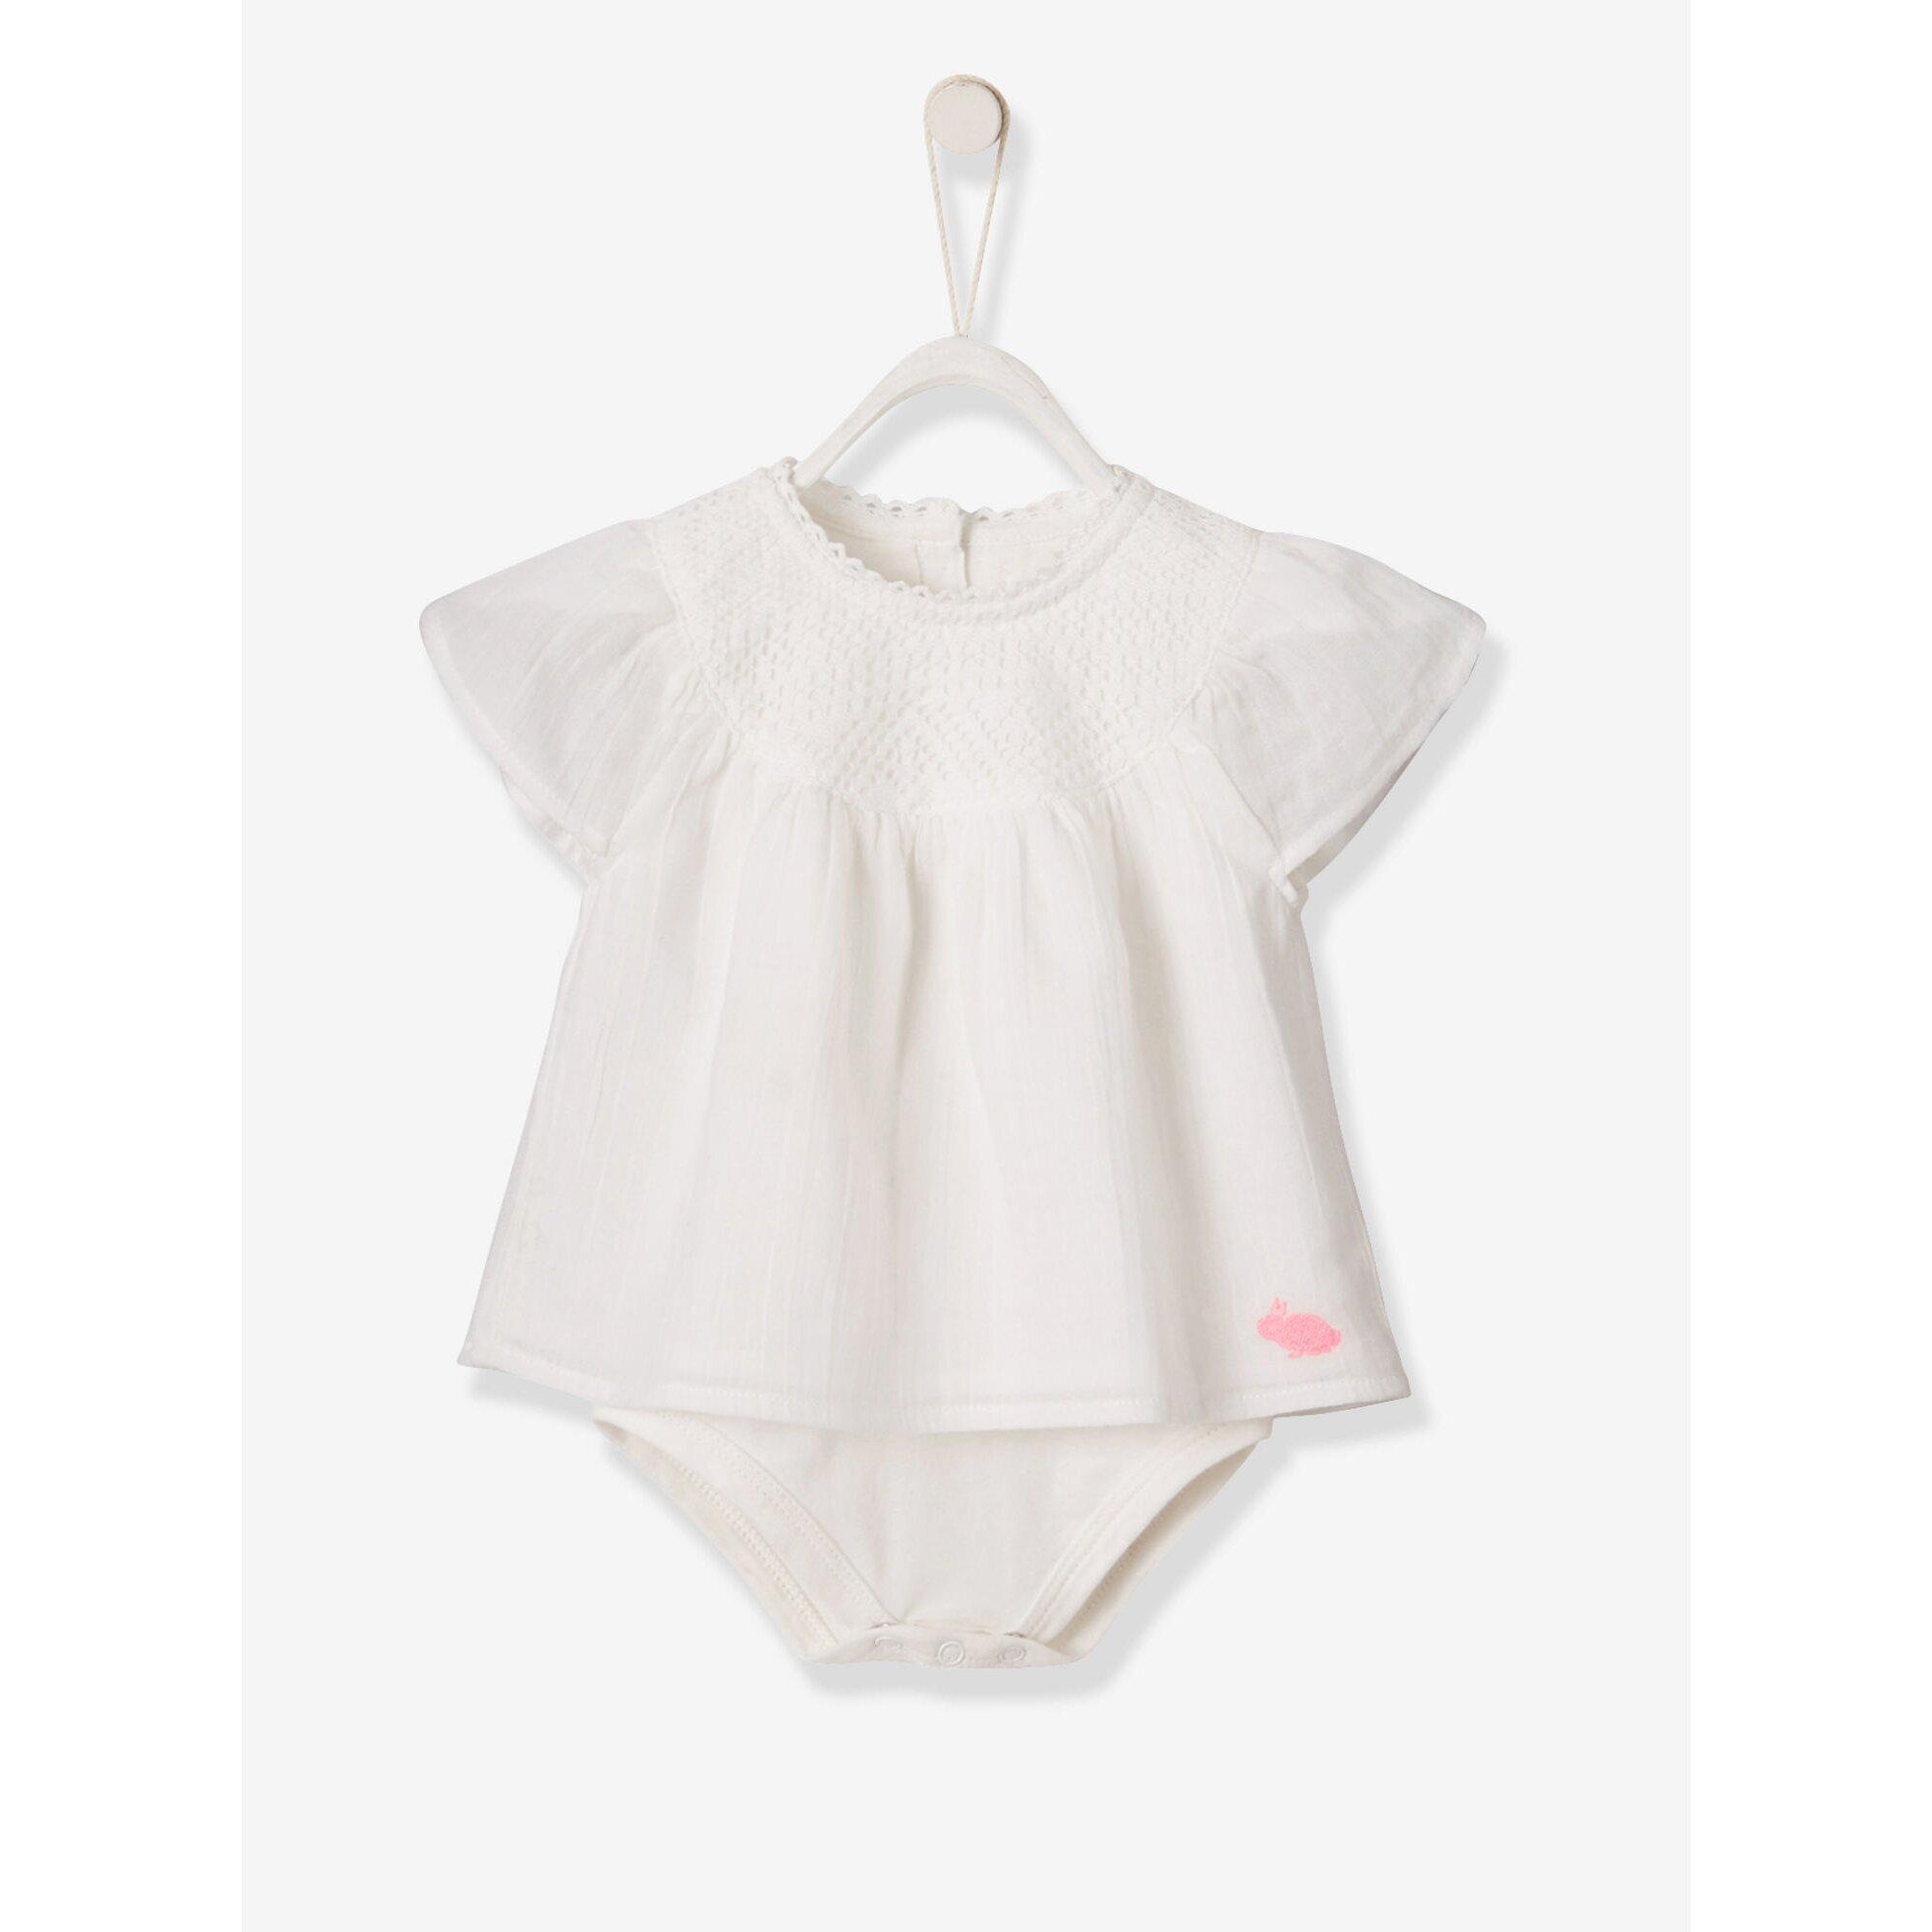 Vertbaudet Festlicher Shirt-Body für Baby Mädchen